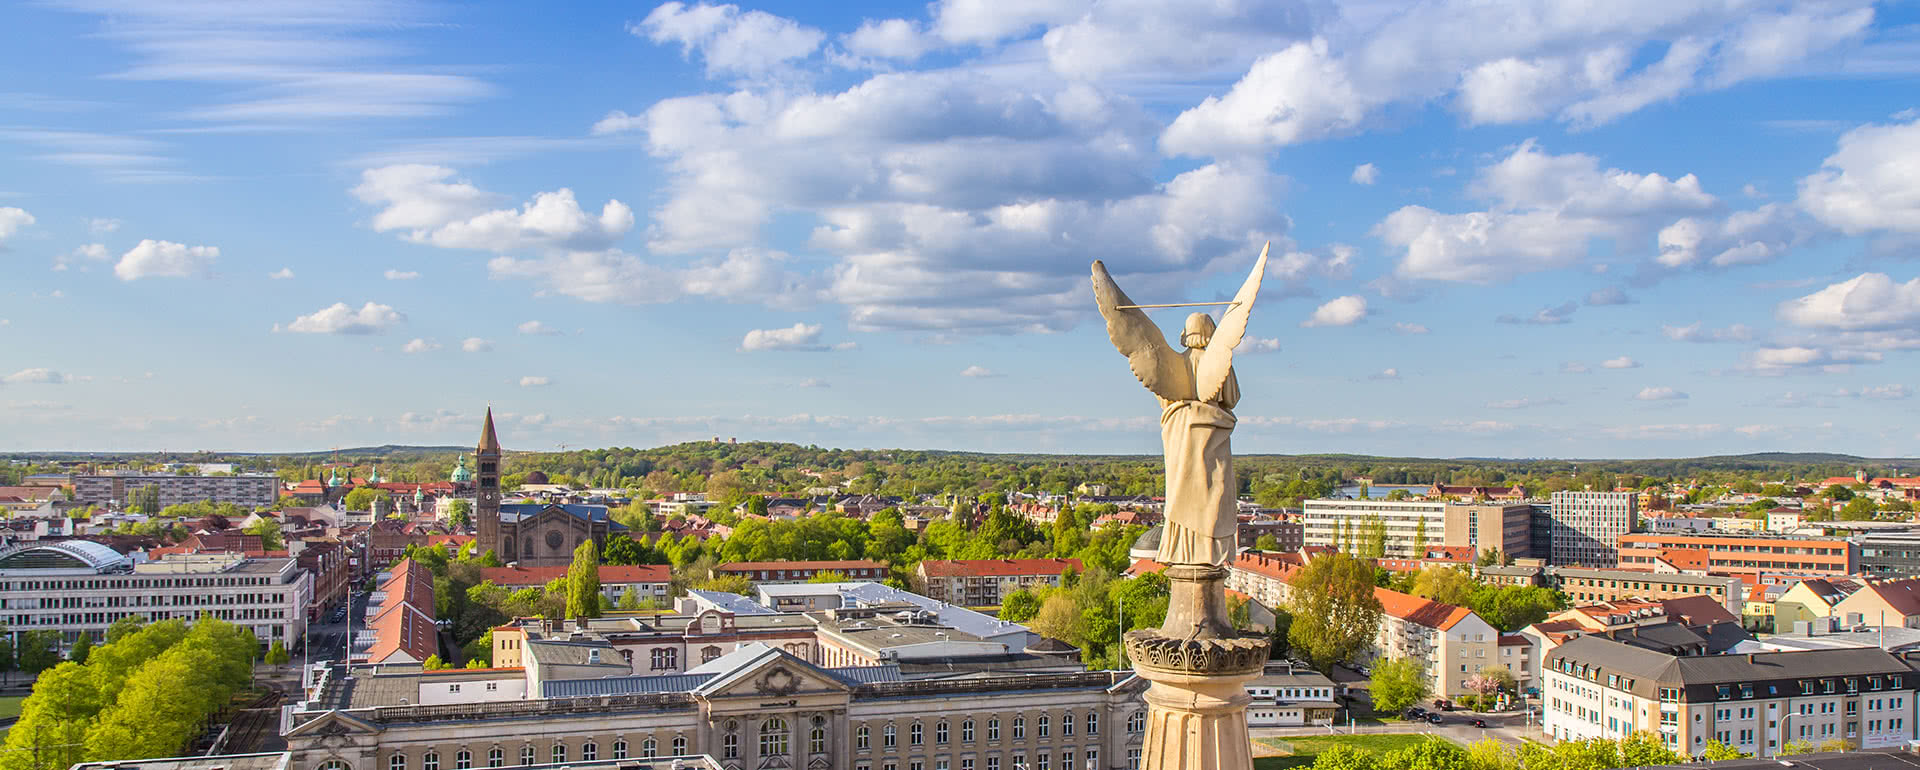 Titelbild von Potsdam